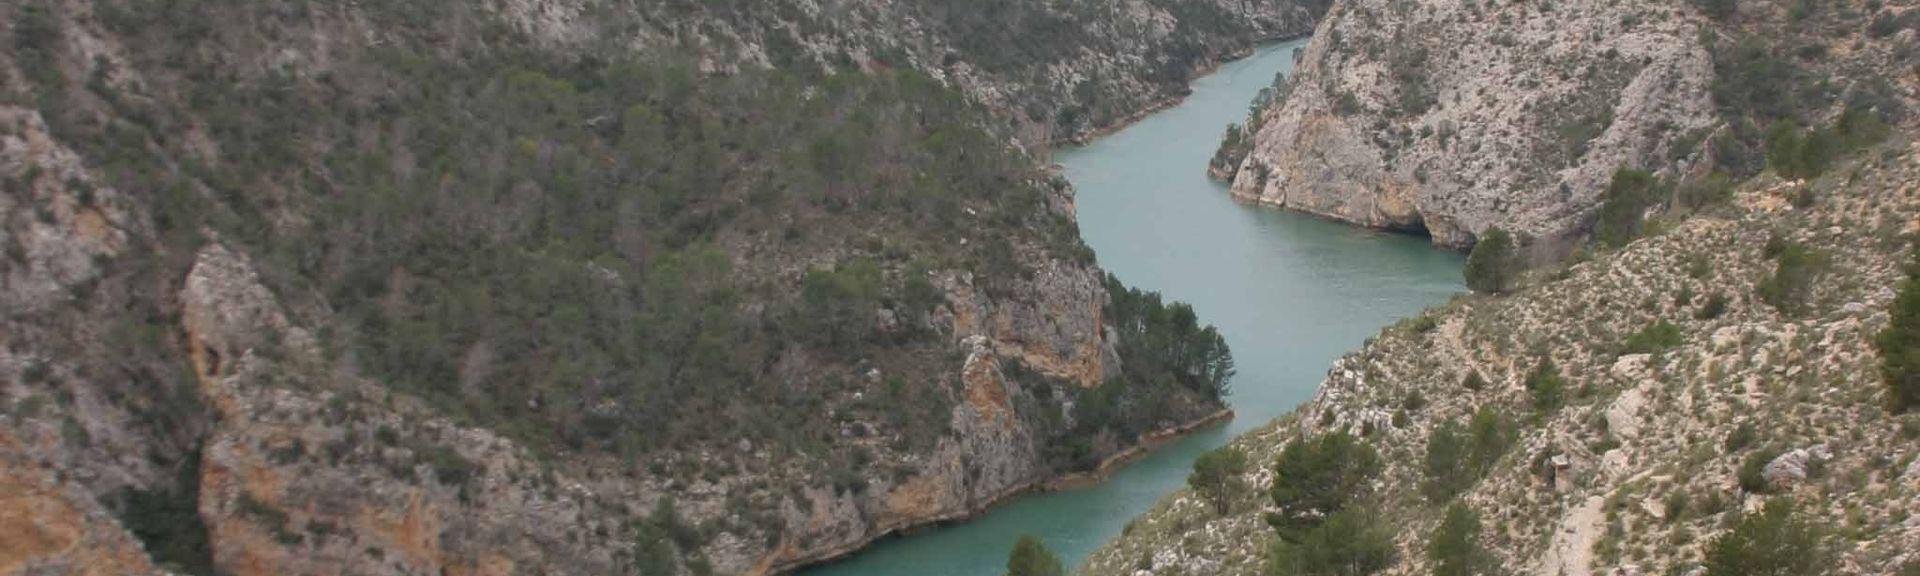 Castillo de Cofrentes, Land Valencia, Spanien